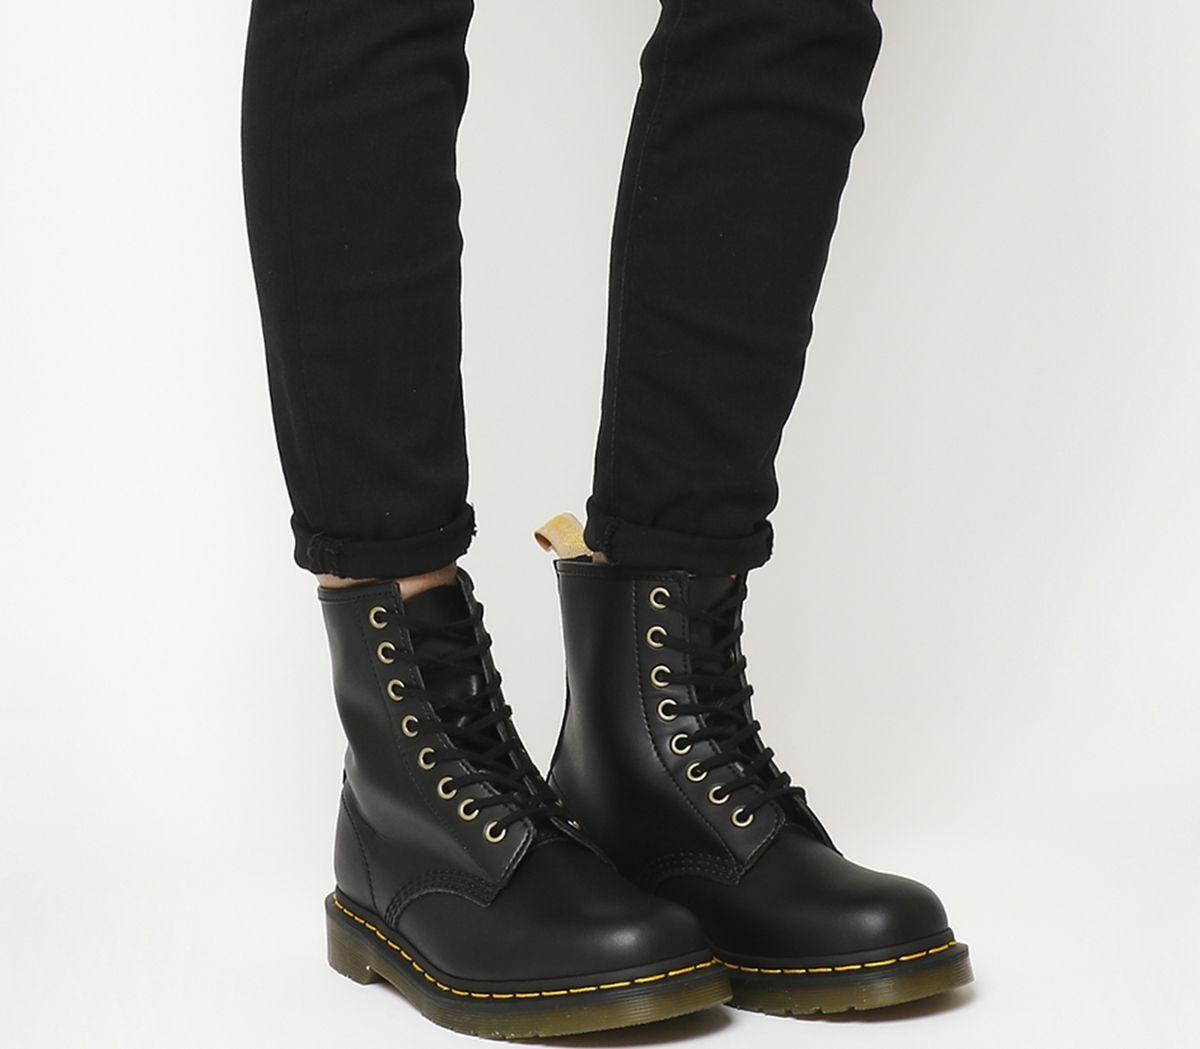 86c0aee462 Vegan 1460 8 Eye Boots